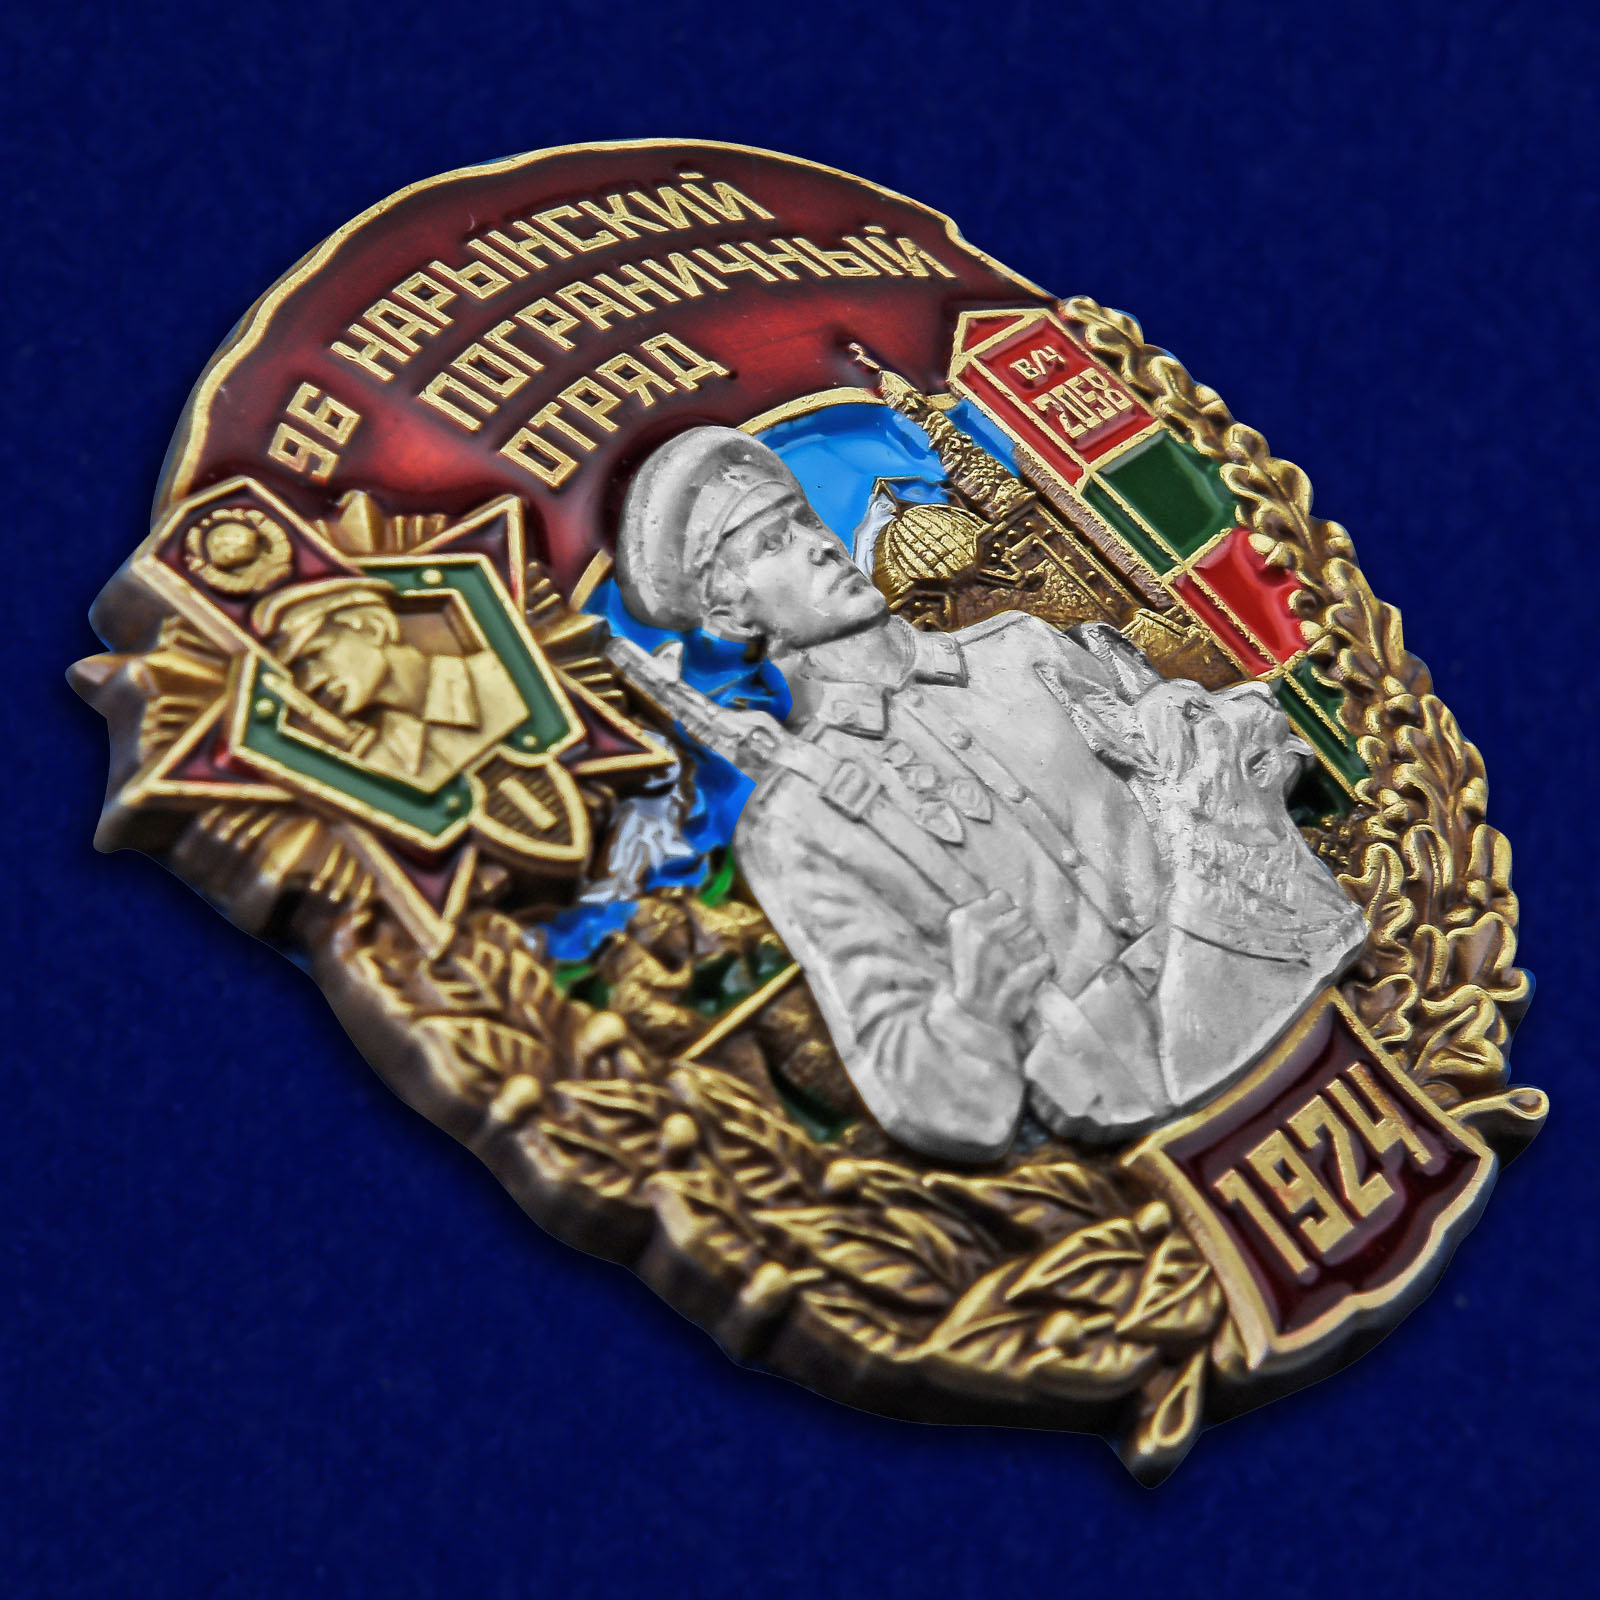 Латунный знак 96 Нарынский пограничный отряд - общий вид